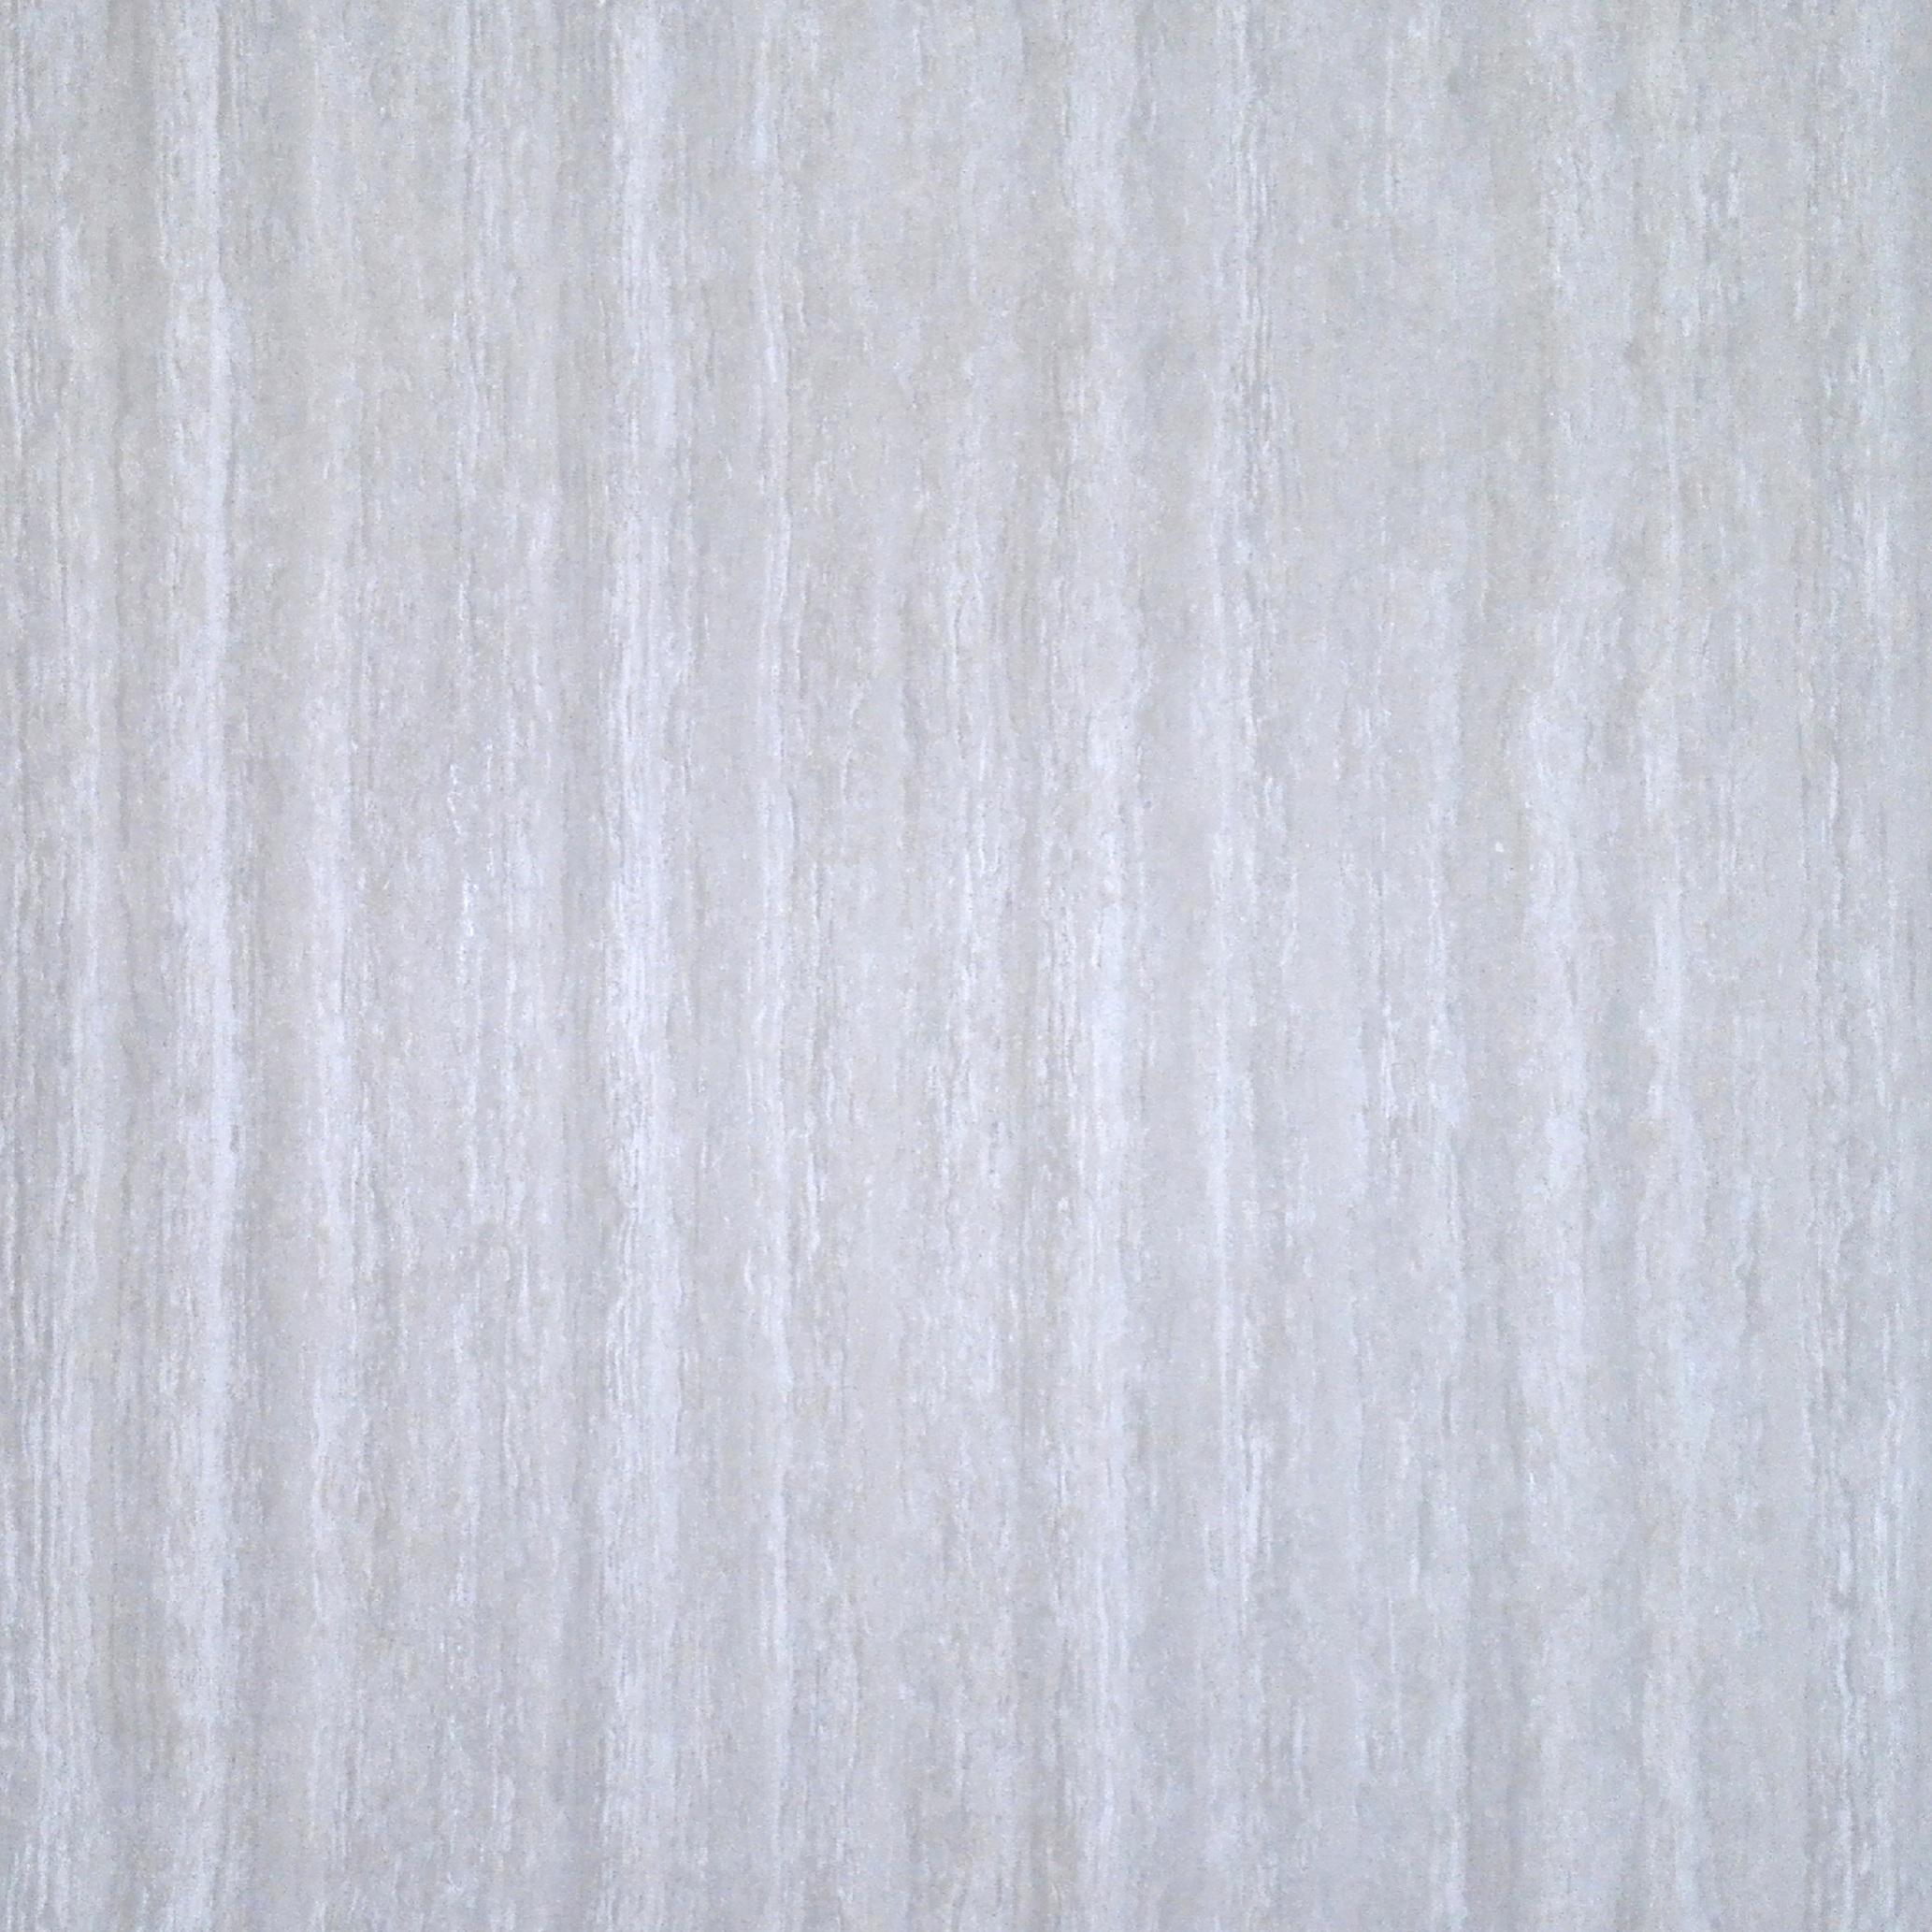 600X600 Italian White wood porcelain Image